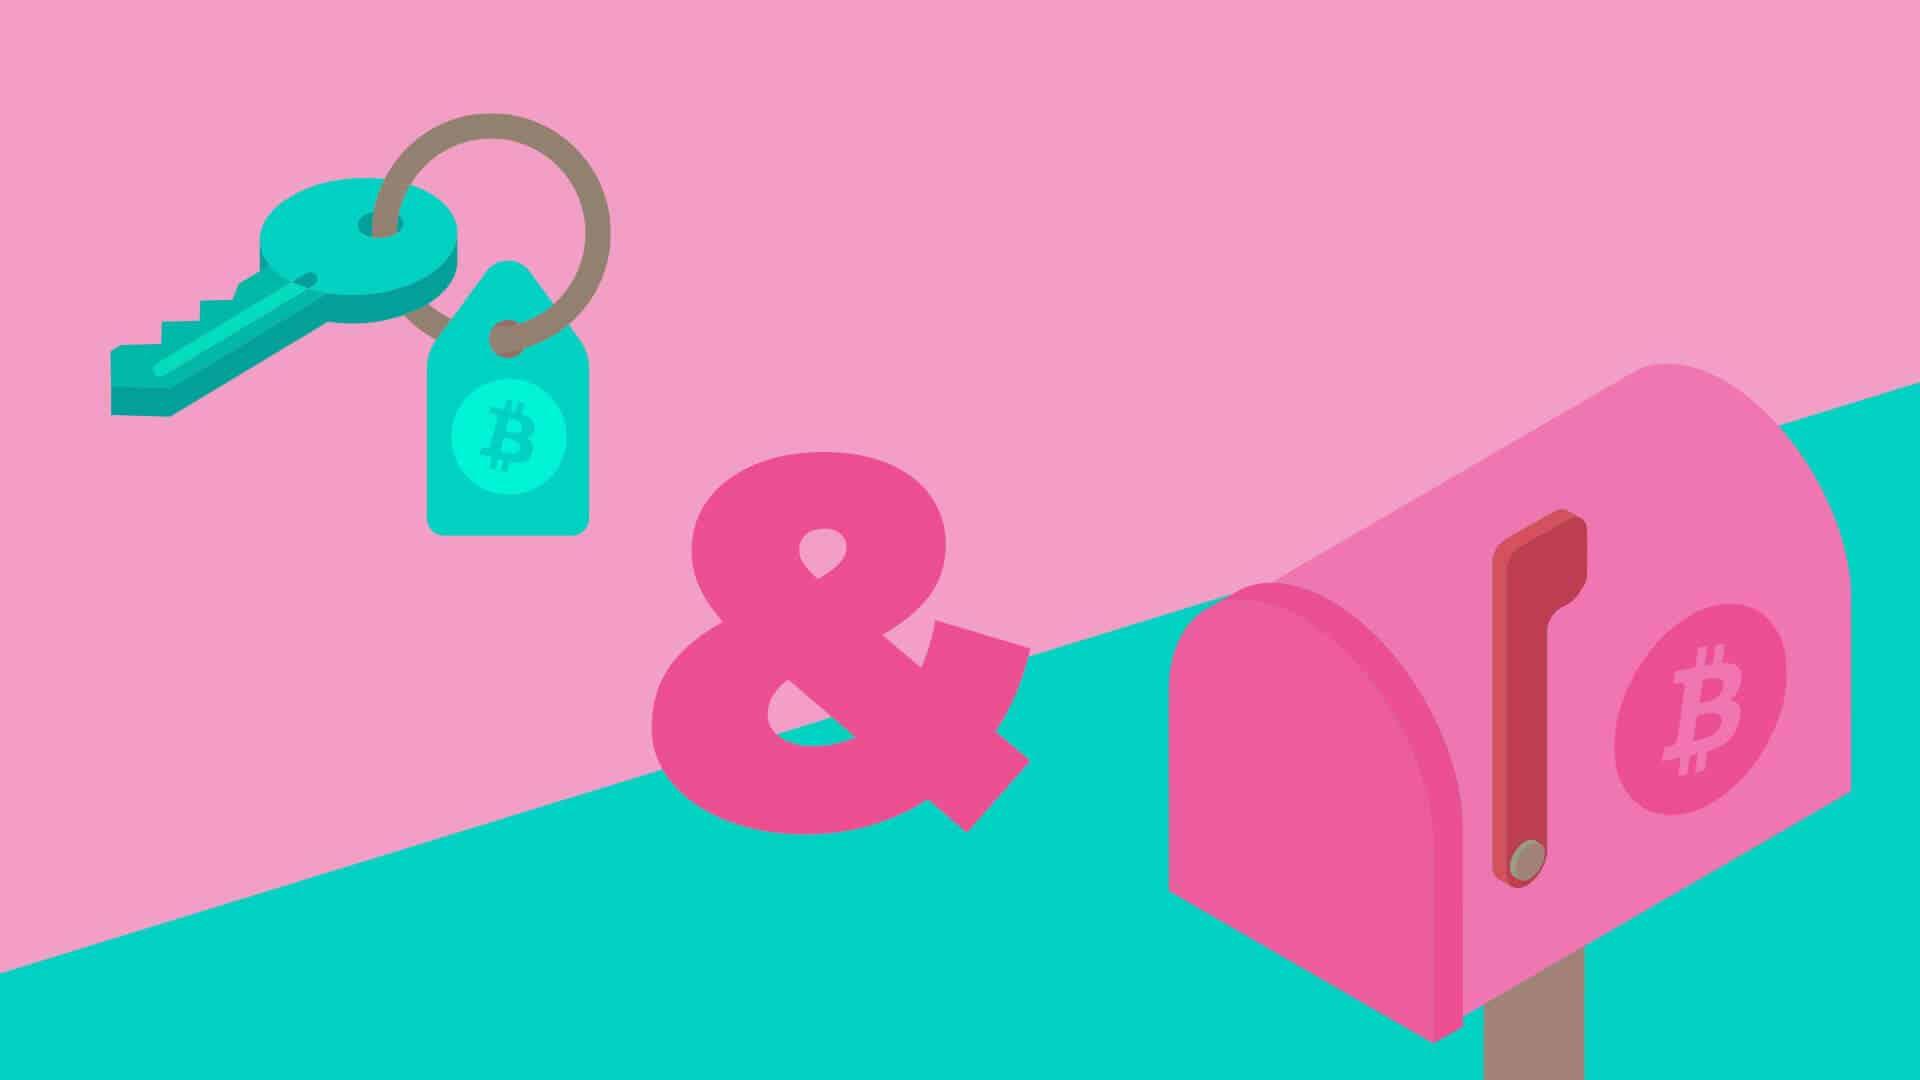 Symbole für Private Key und Public Address für Kryptowährungen wie Bitcoin, Ethereum, Tron